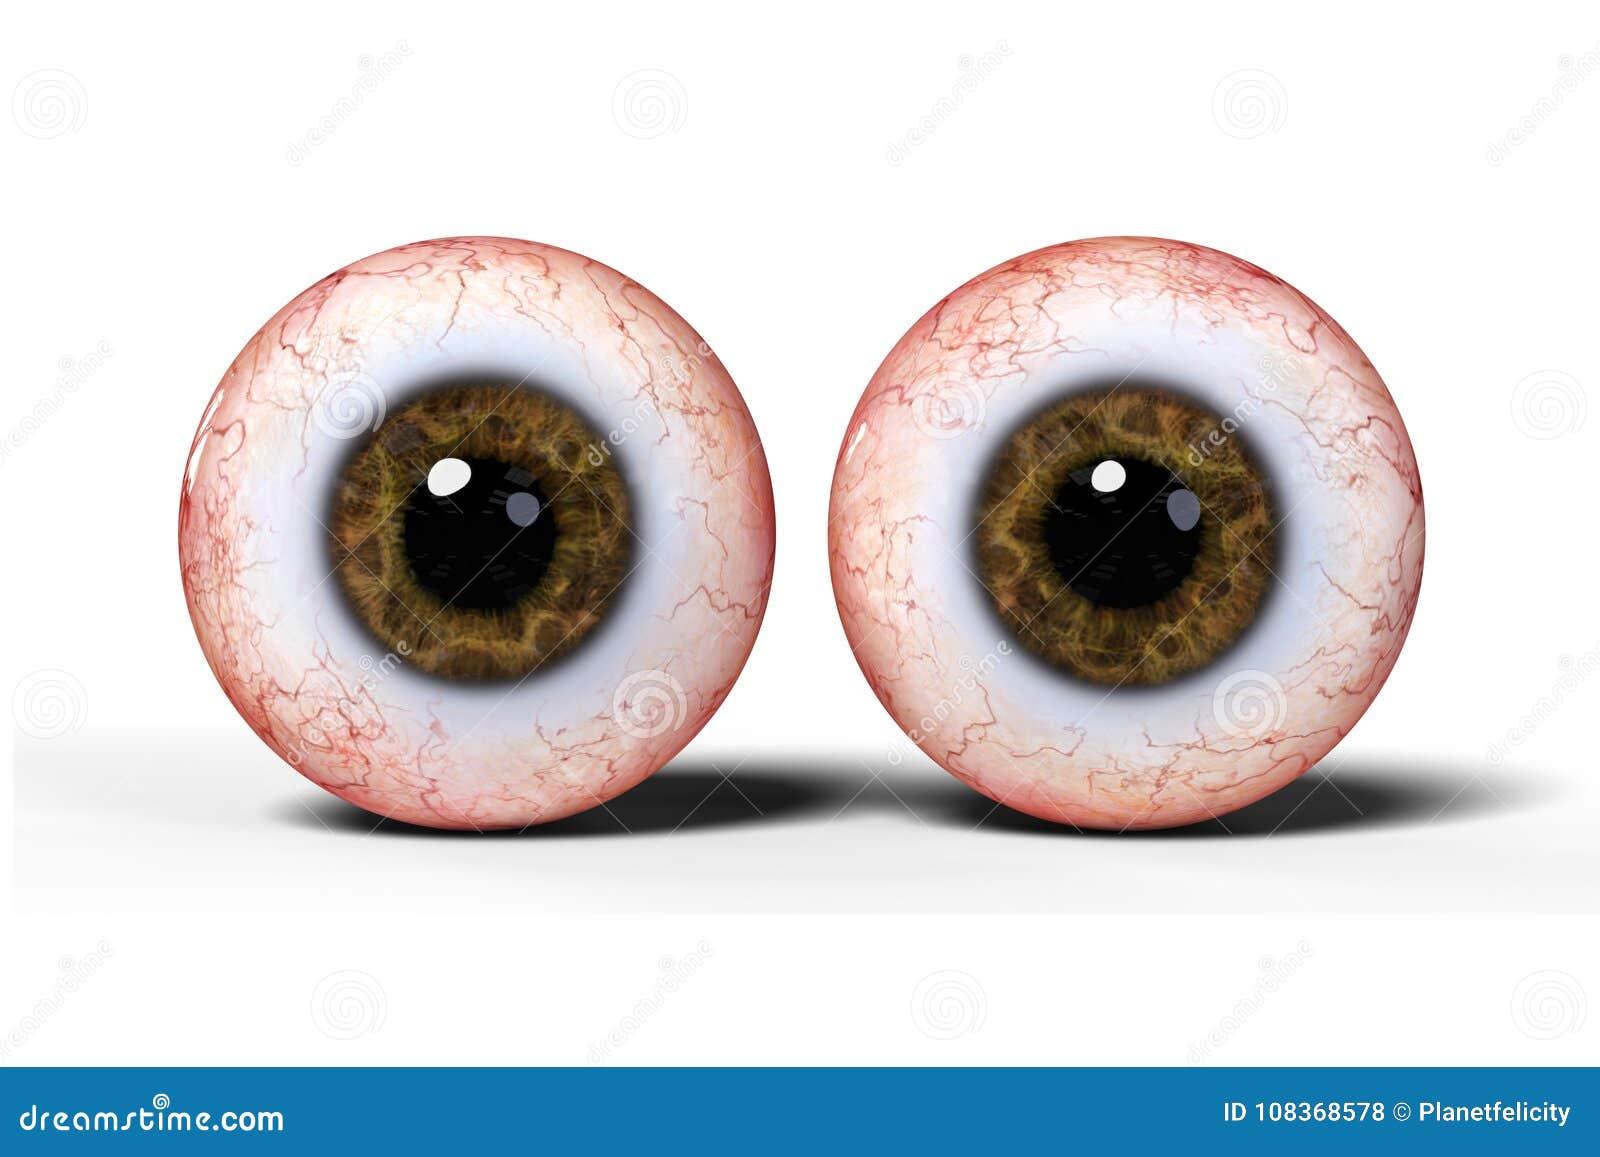 Zwei Realistische Menschliche Augen Mit Der Braunen Iris ...